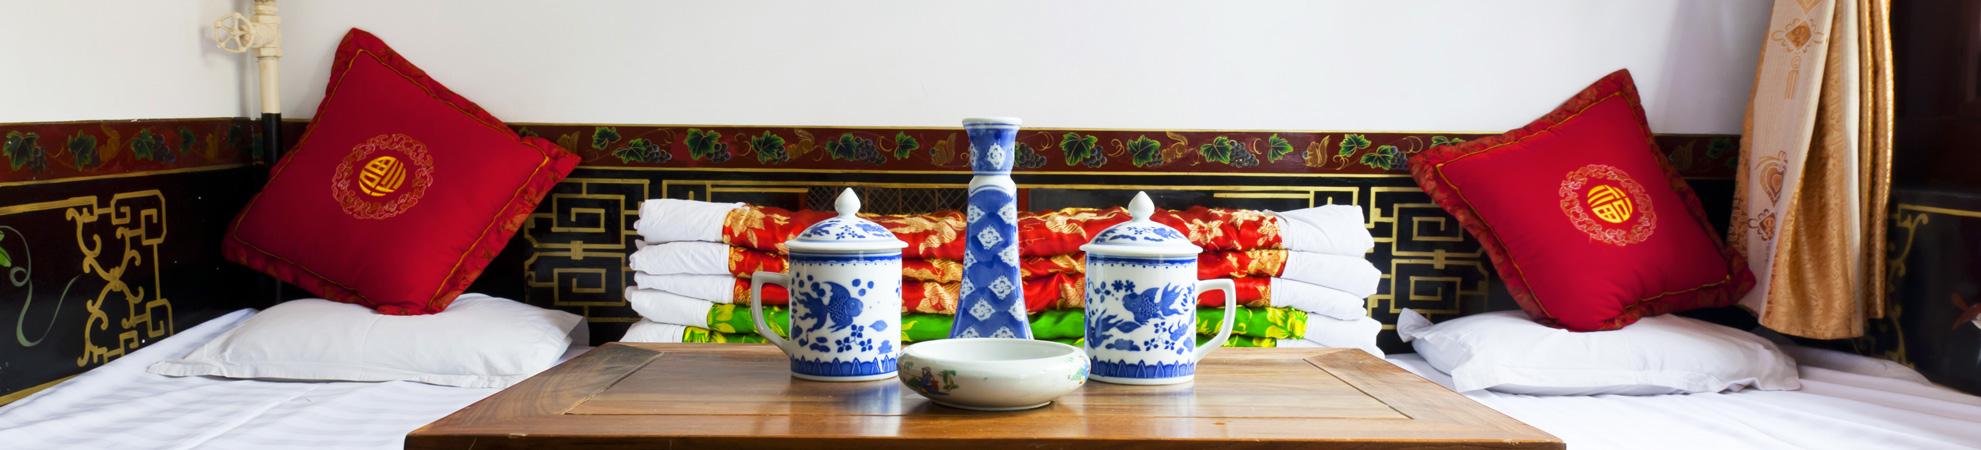 Hotels en Chine de Shanghai à Pékin, les meilleurs hébergements